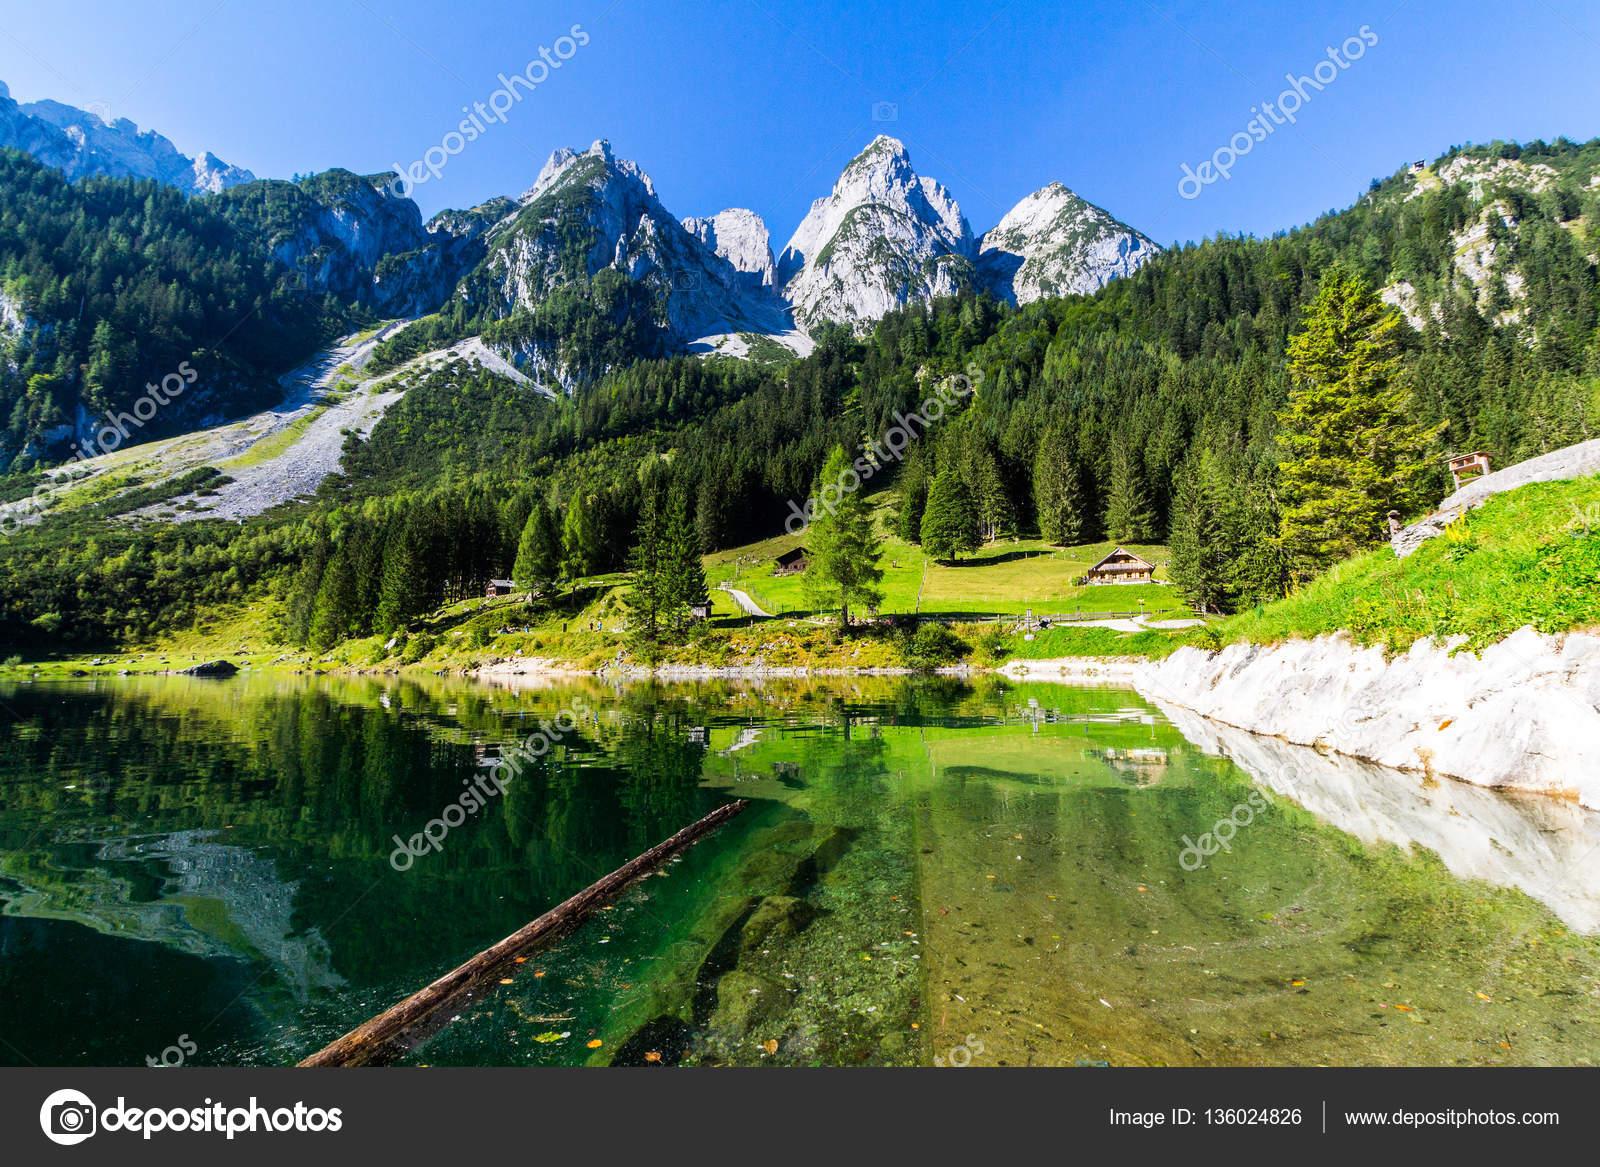 belle vue sur lac de montagne l ete gosausee region du salzkammergut haute autriche image de daliu